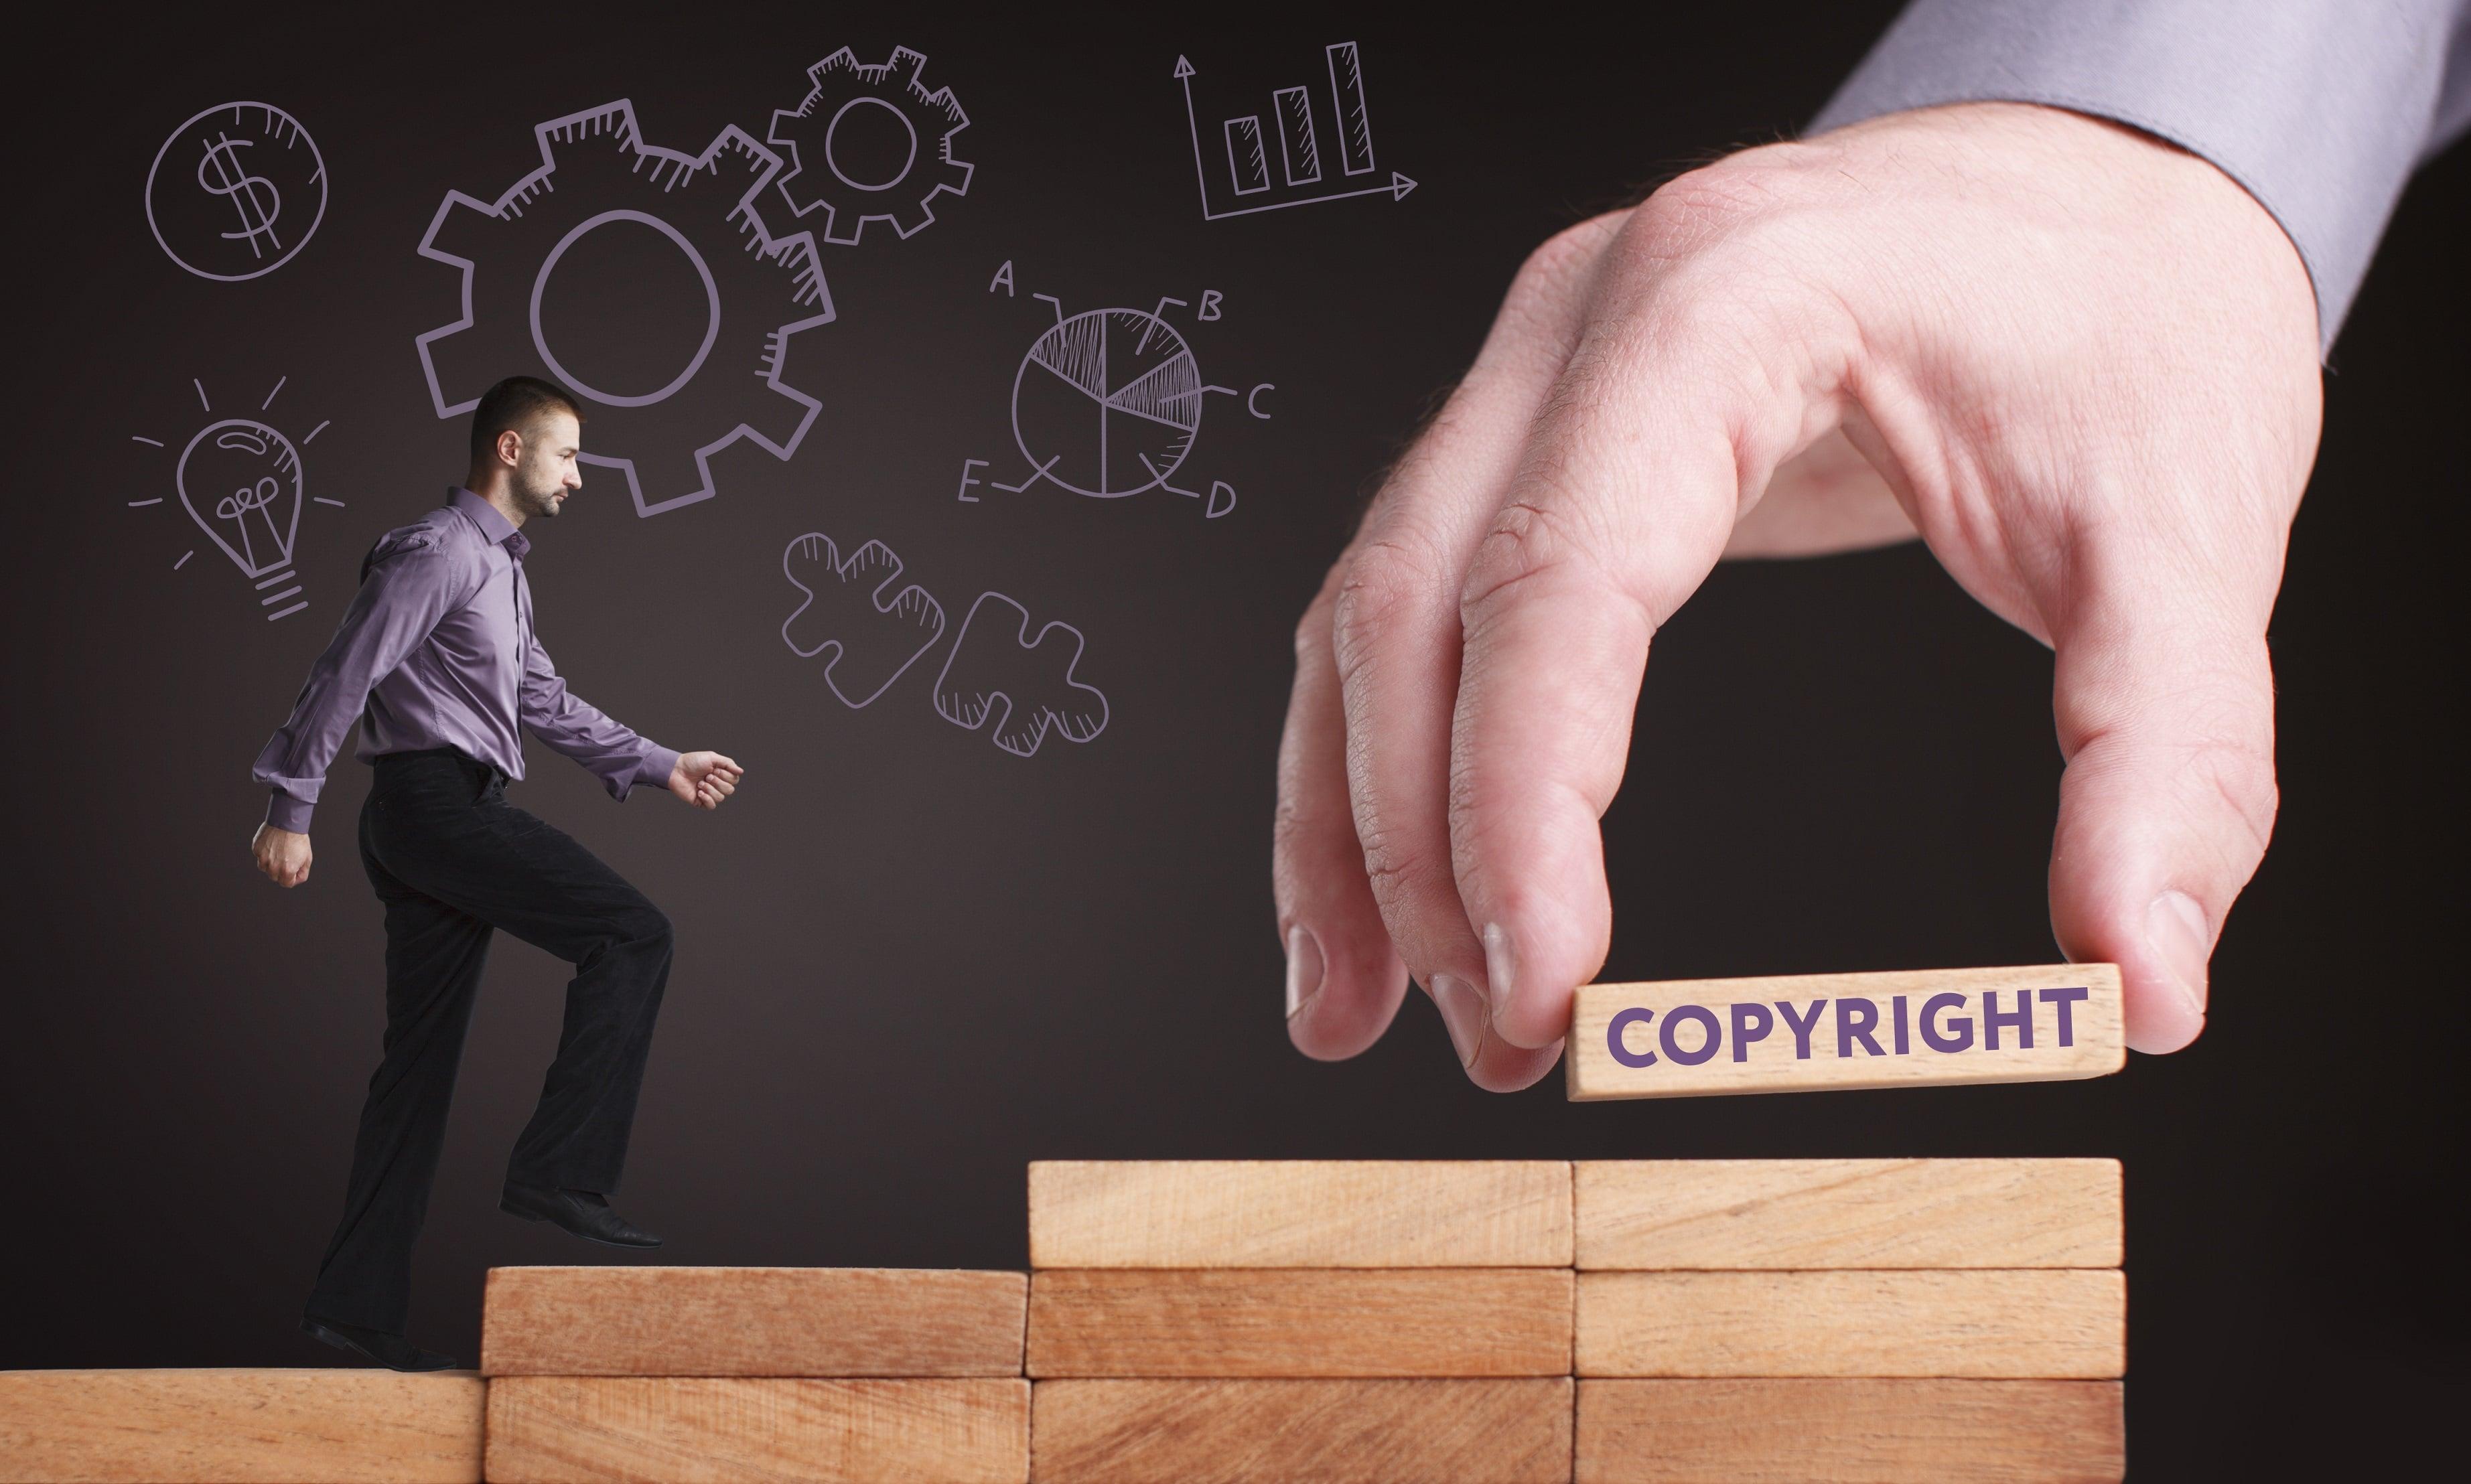 プログラムにまつわる著作権侵害問題とは